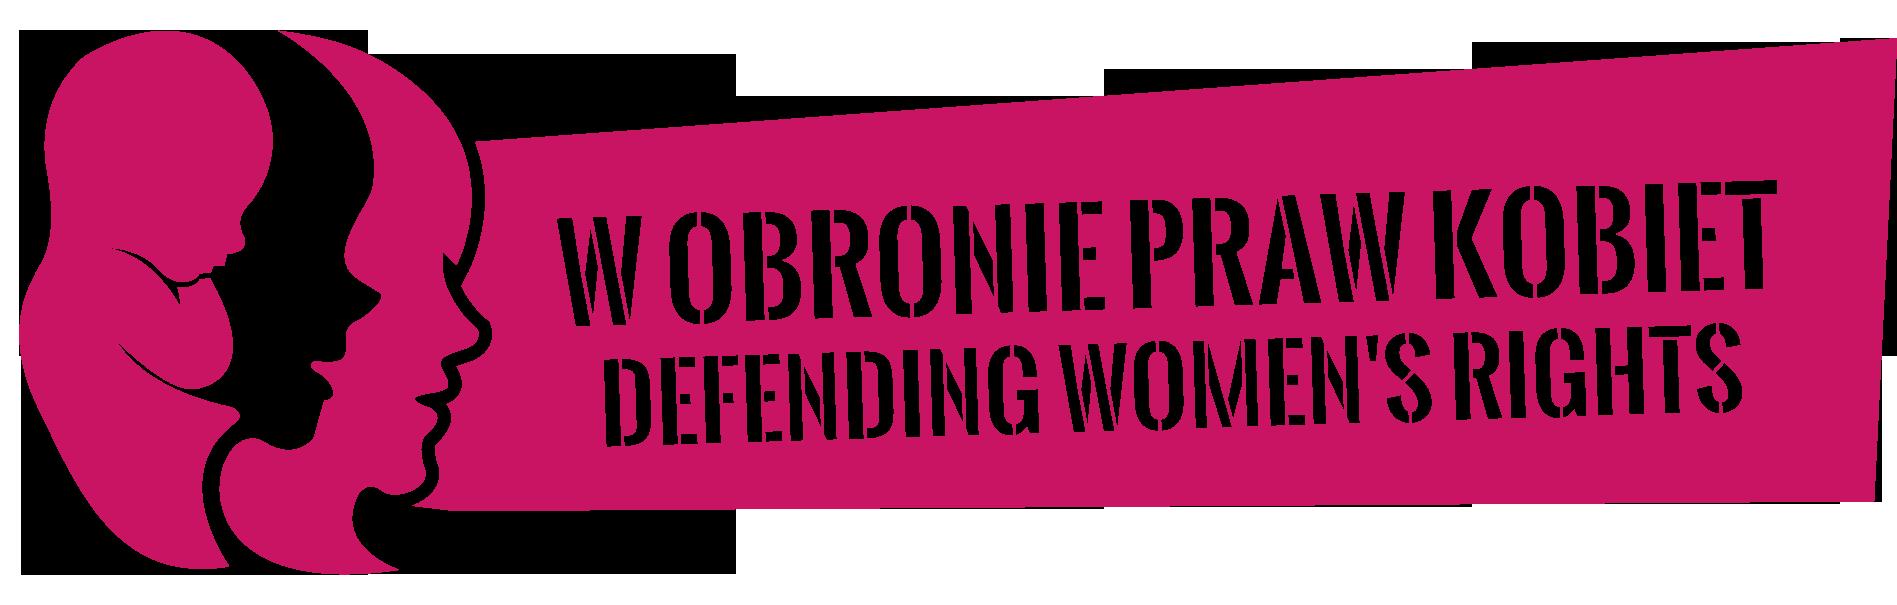 DEFENDING WOMEN's RIGHTS - W OBRONIE PRAW KOBIET